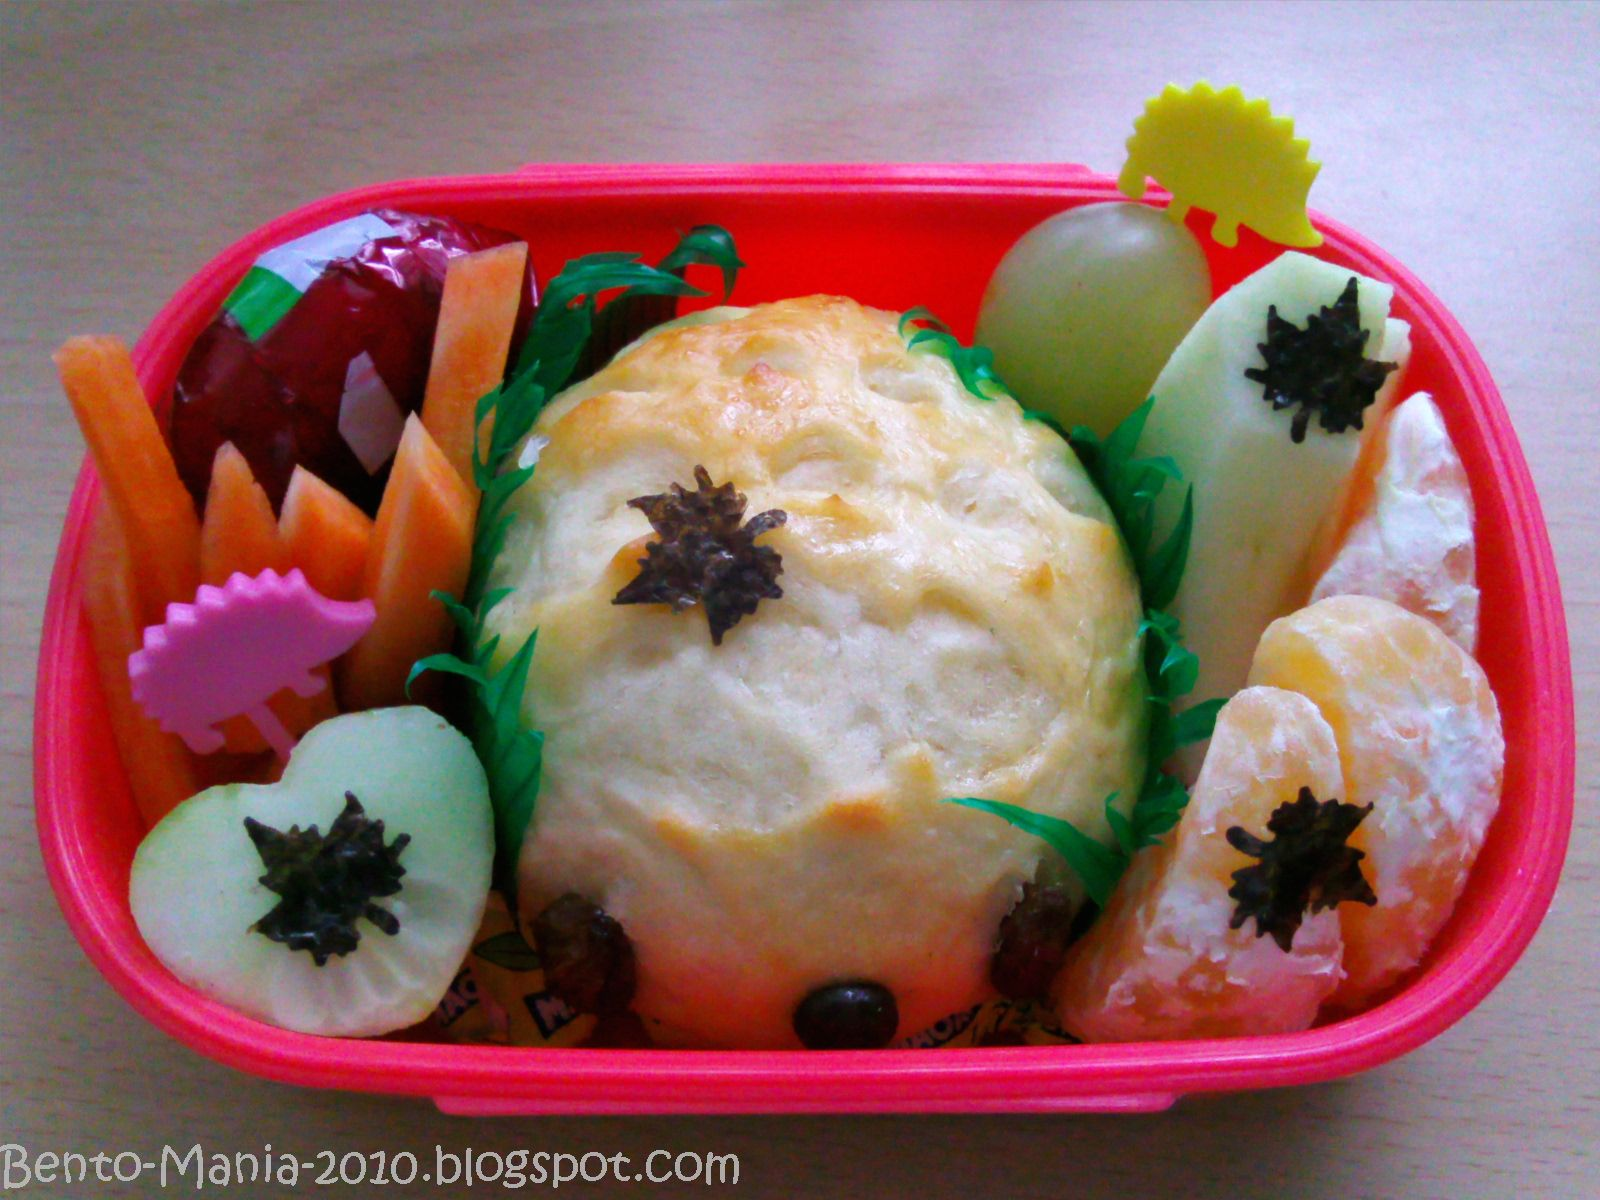 bento mania verr ckt nach der japanischen lunch box bento herbstliches snack bento mit. Black Bedroom Furniture Sets. Home Design Ideas